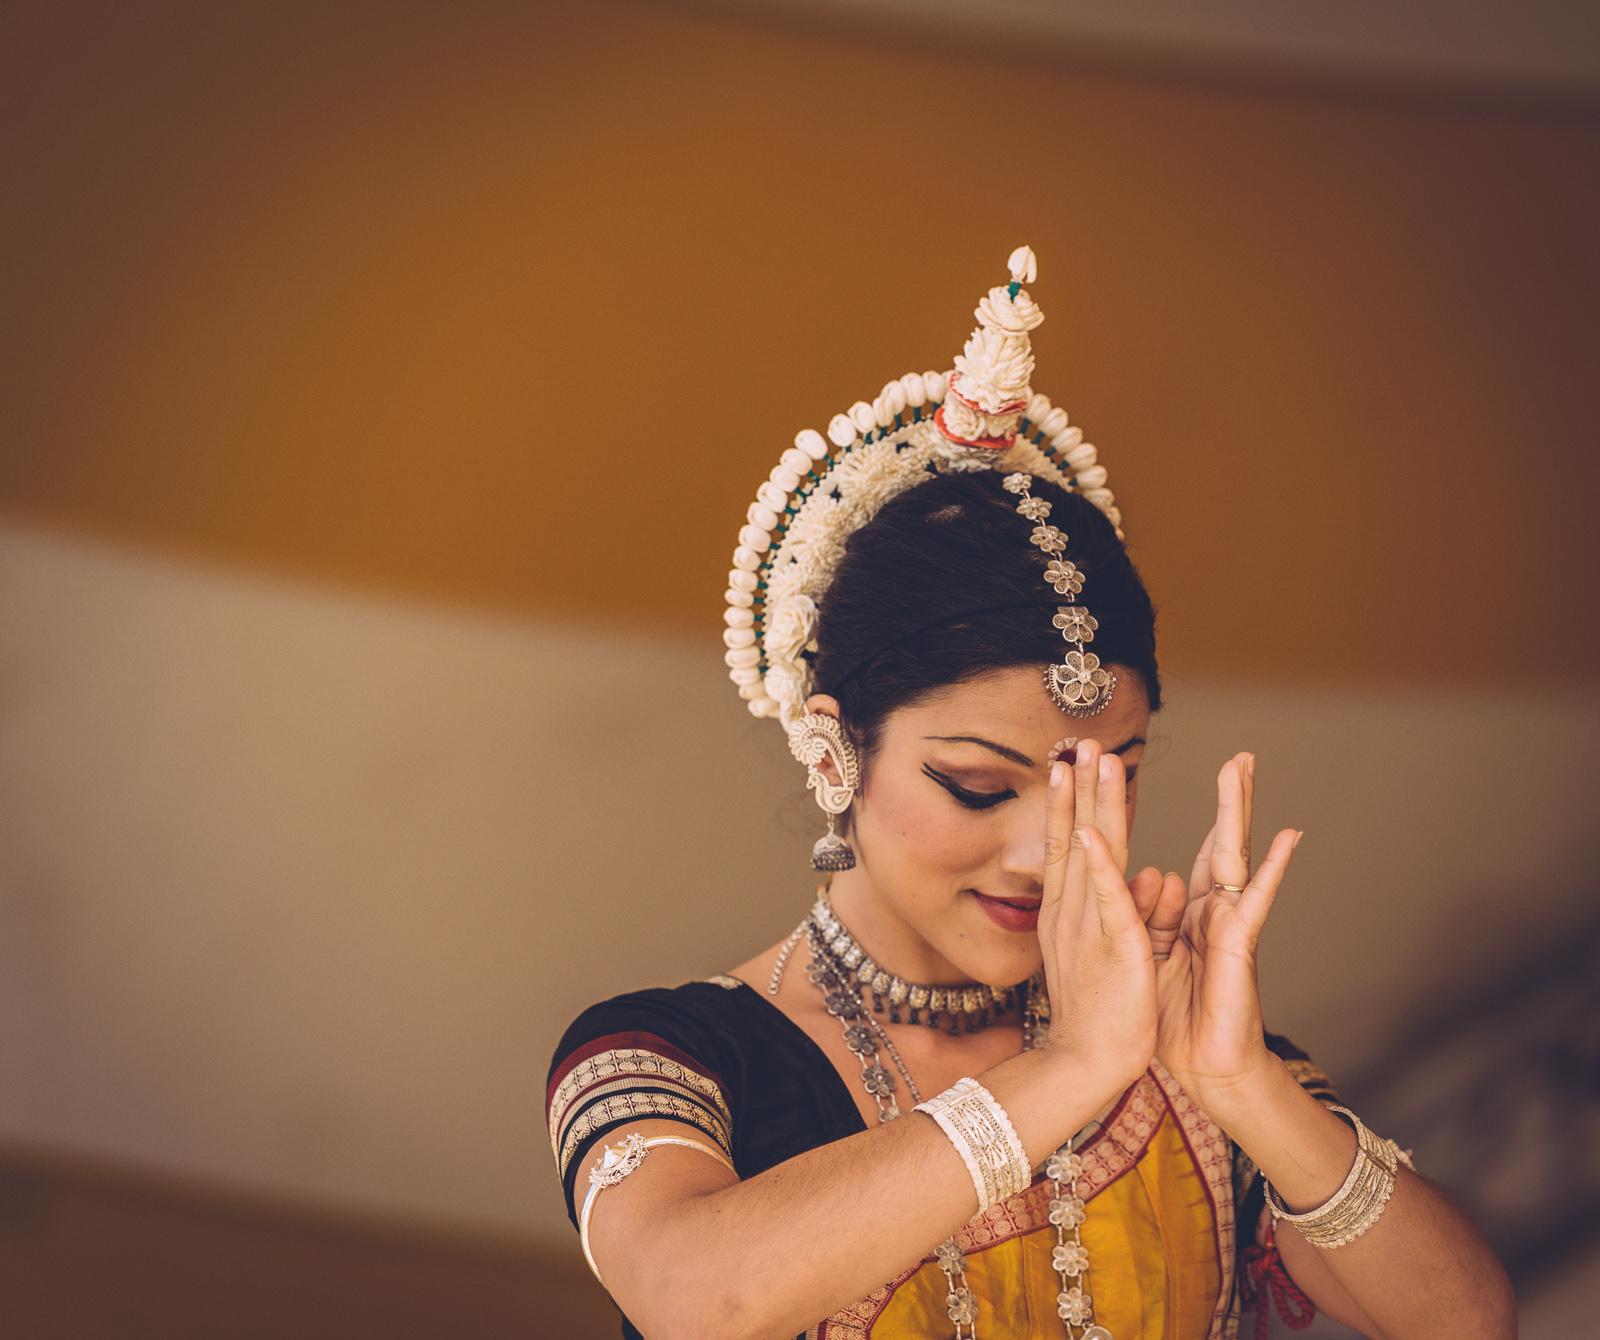 festival_of_india_2015_blog36.jpg